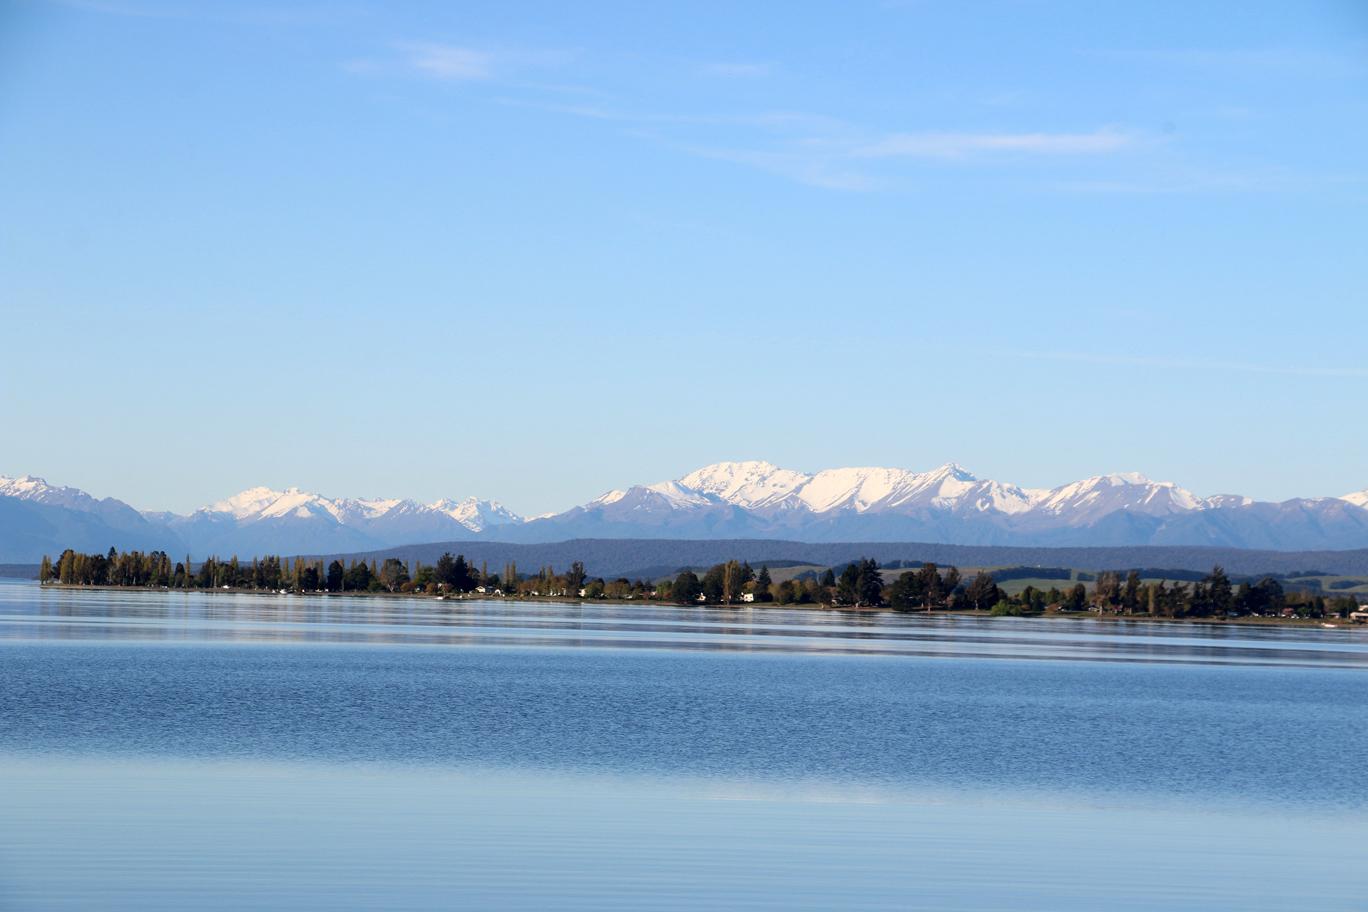 Et les montagnes au loin...